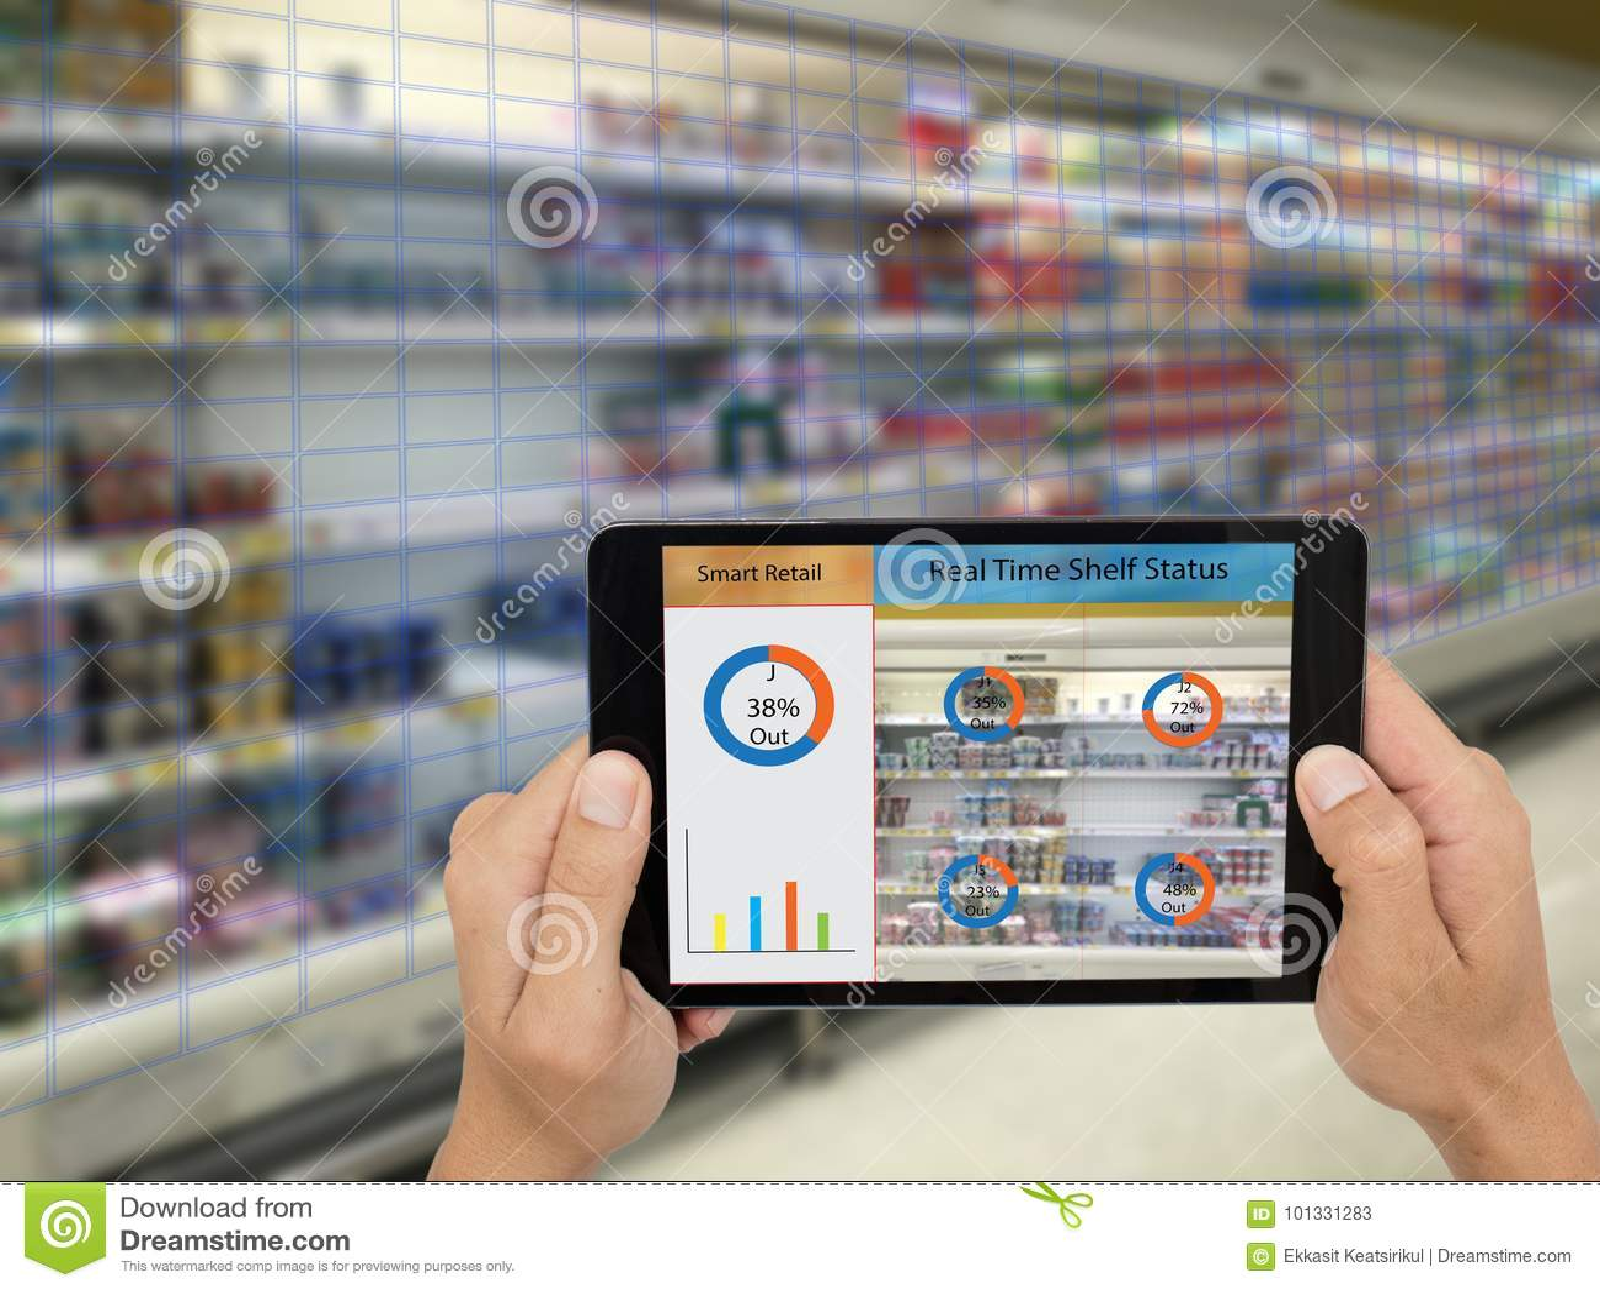 Iot, internet rzecz, mądrze detaliczny pojęcie, A sklep _ s kierownik móc sprawdzać jaki dane rzeczywisty wgląd w szelfowy status